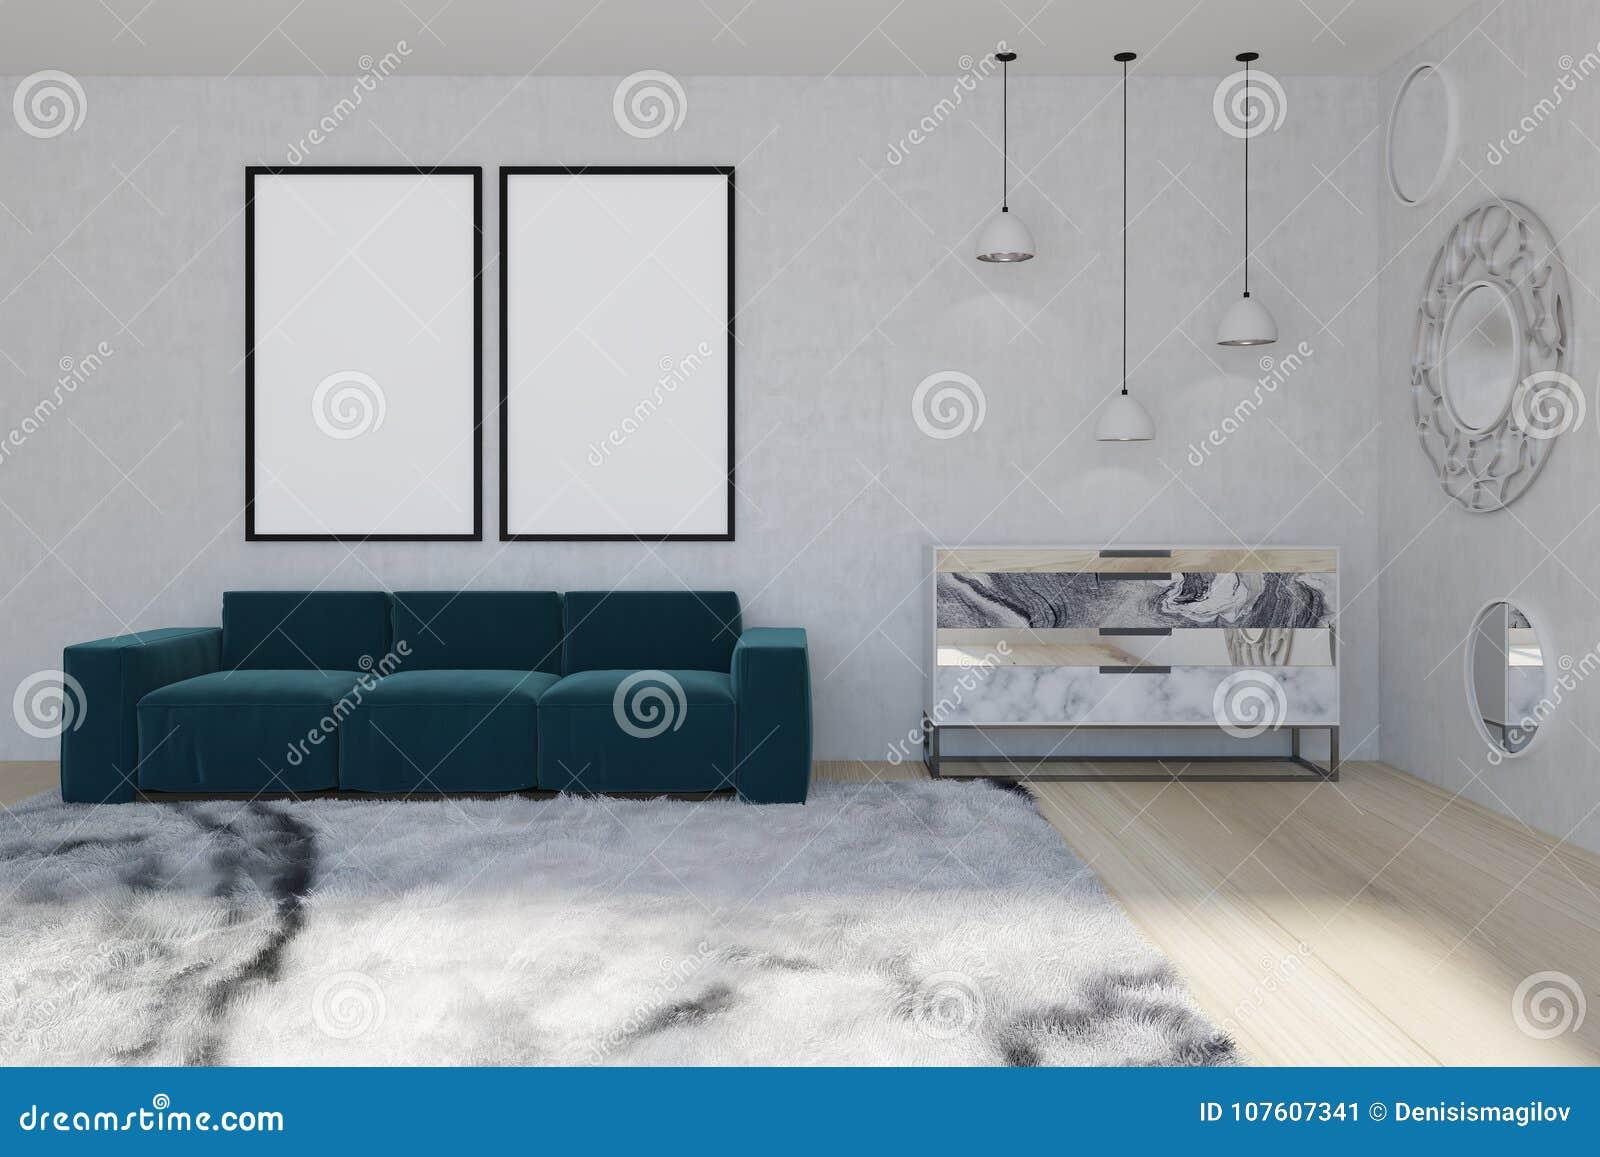 Spiegelwohnzimmer Blaues Sofa Stock Abbildung Illustration Von